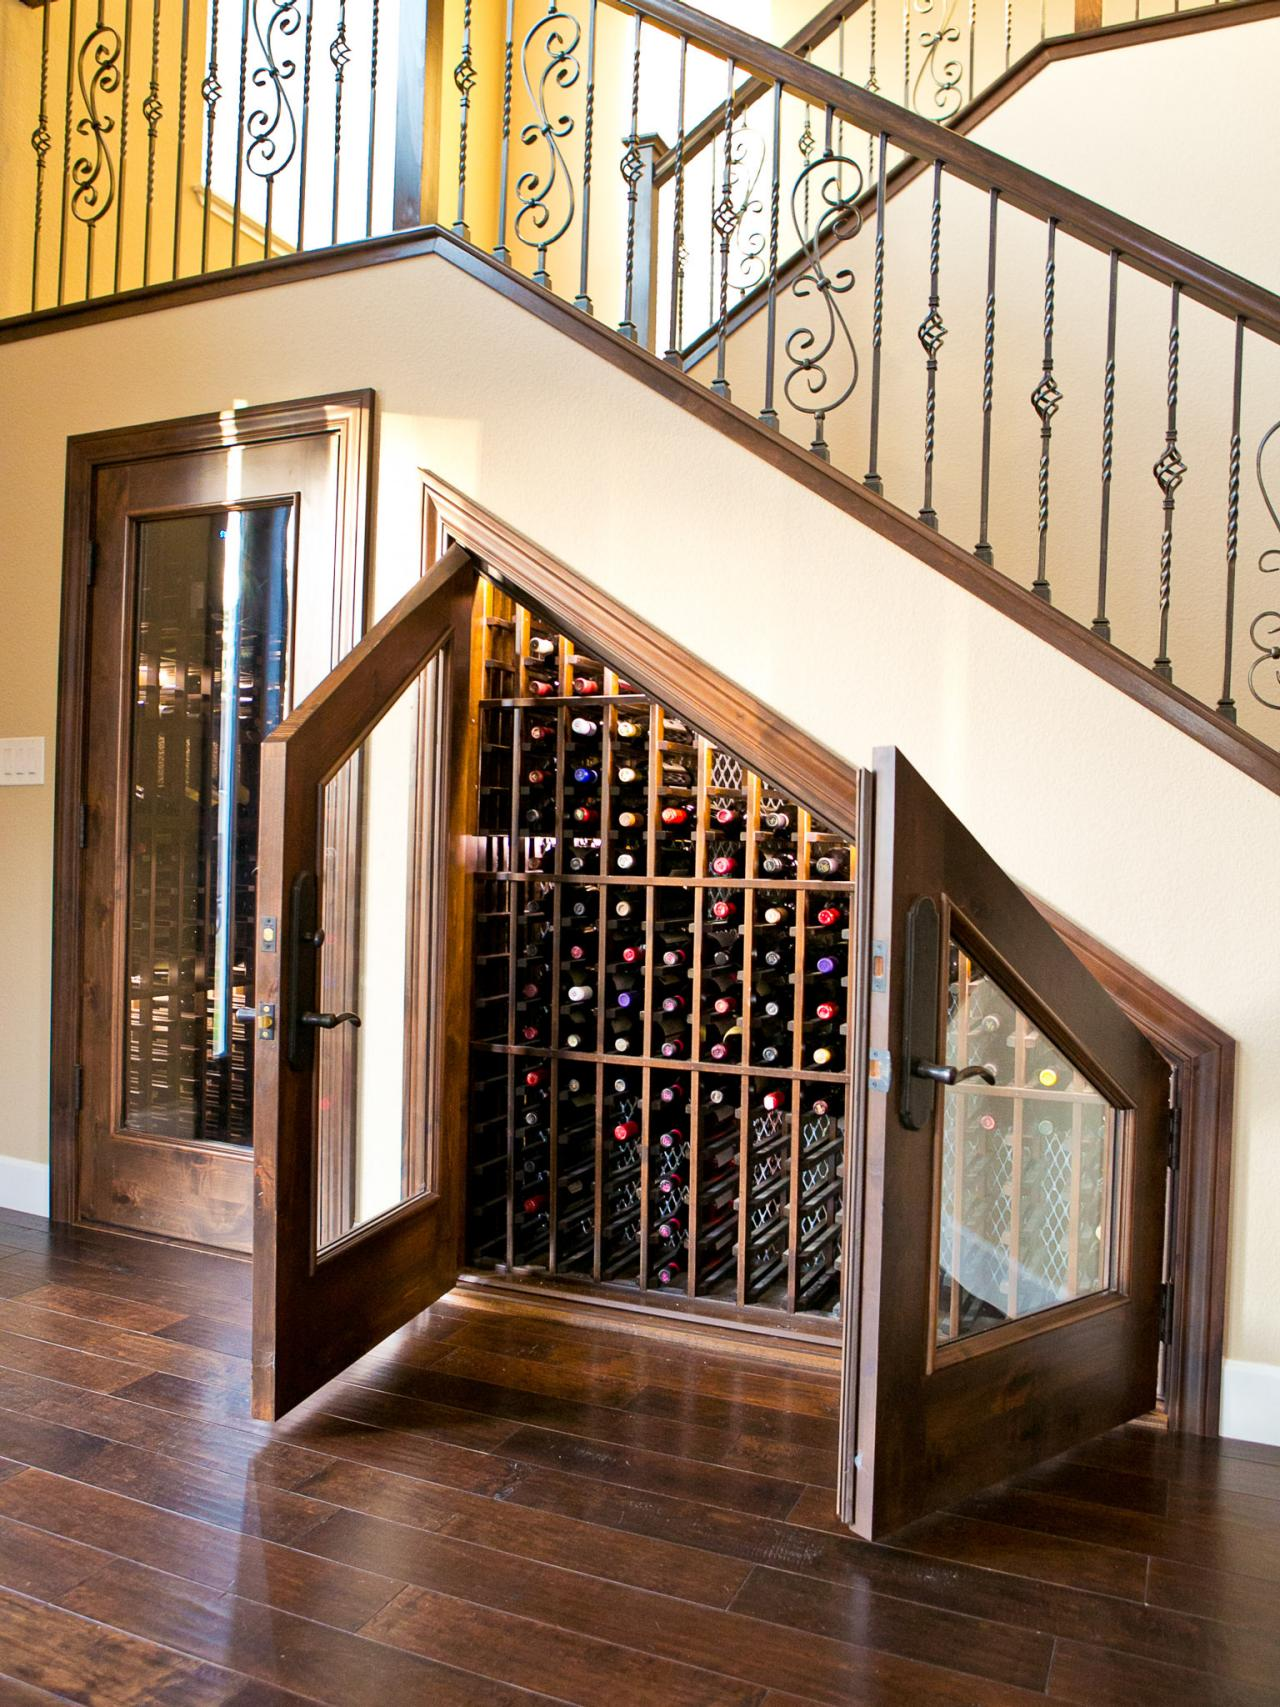 Wine-cellar-just3ds.com-18